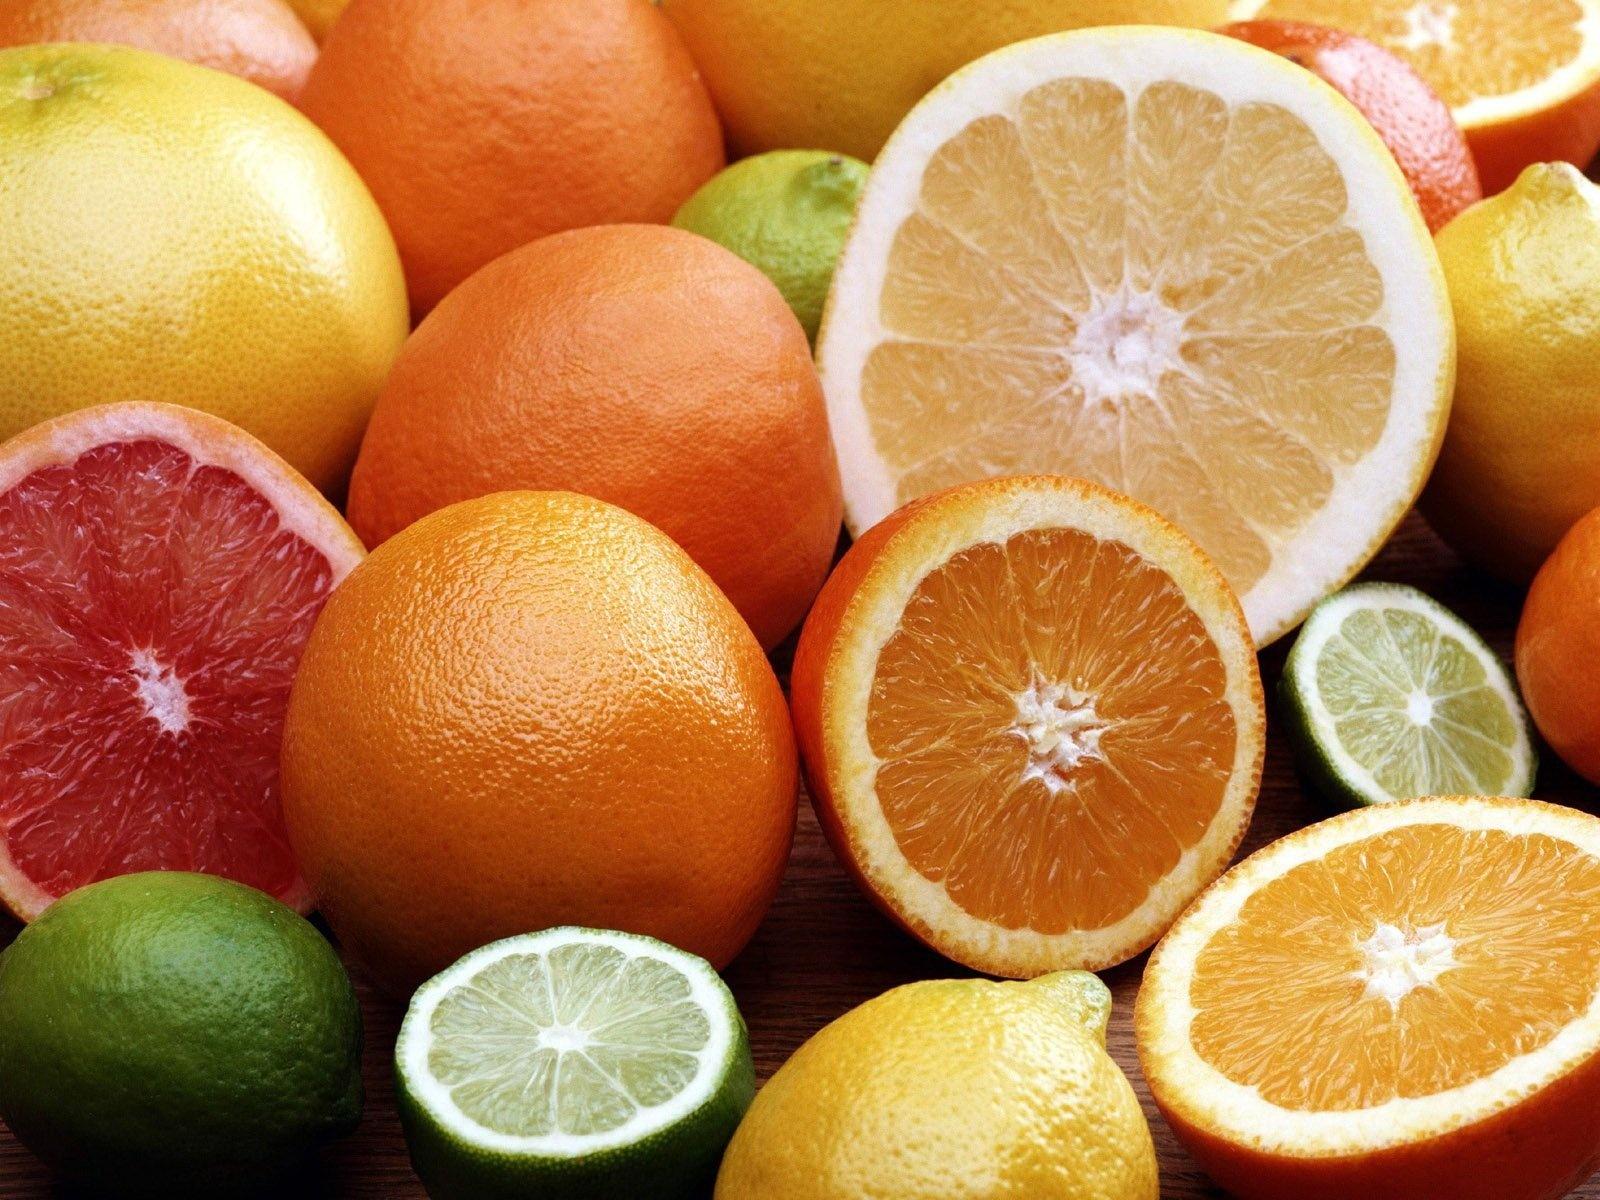 Các loại trái cây giúp làm tăng kích thước vòng 1 tự nhiên hiệu quả